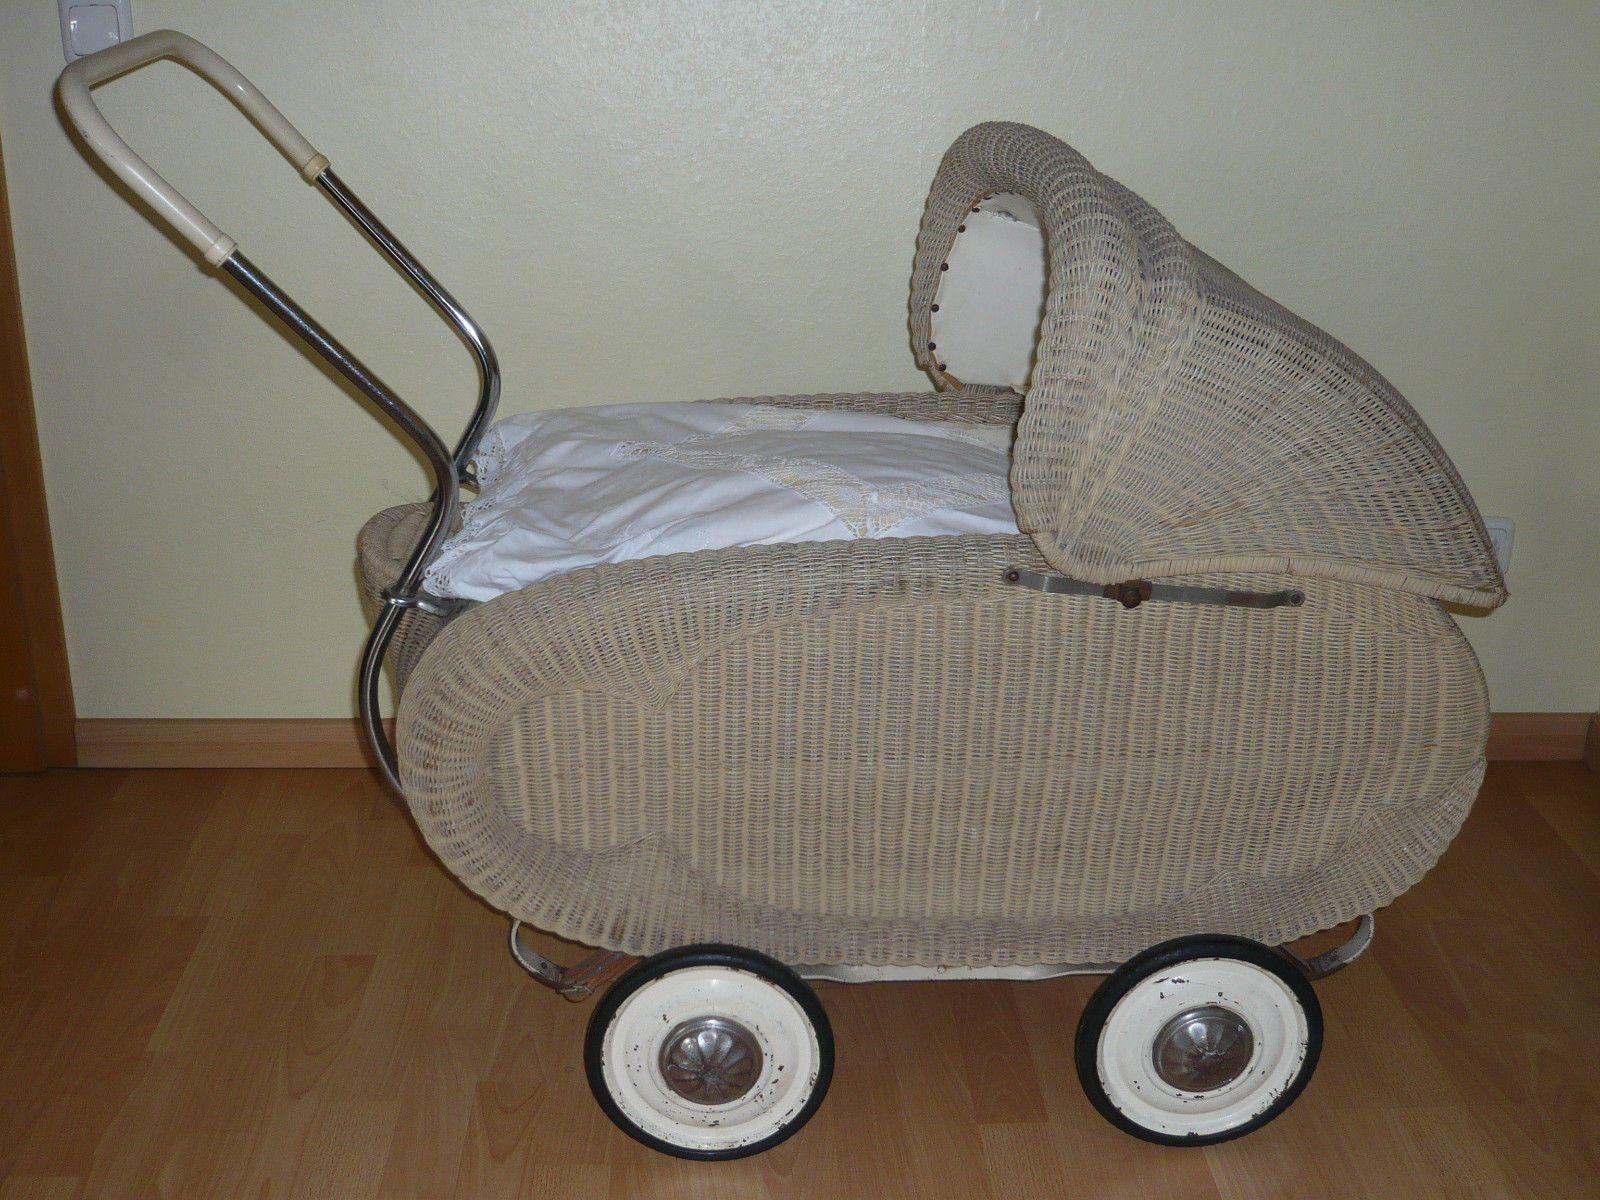 Antik Kinderwagen - Puppenwagen groß - Korbkinderwagen - Korbgeflecht | eBay